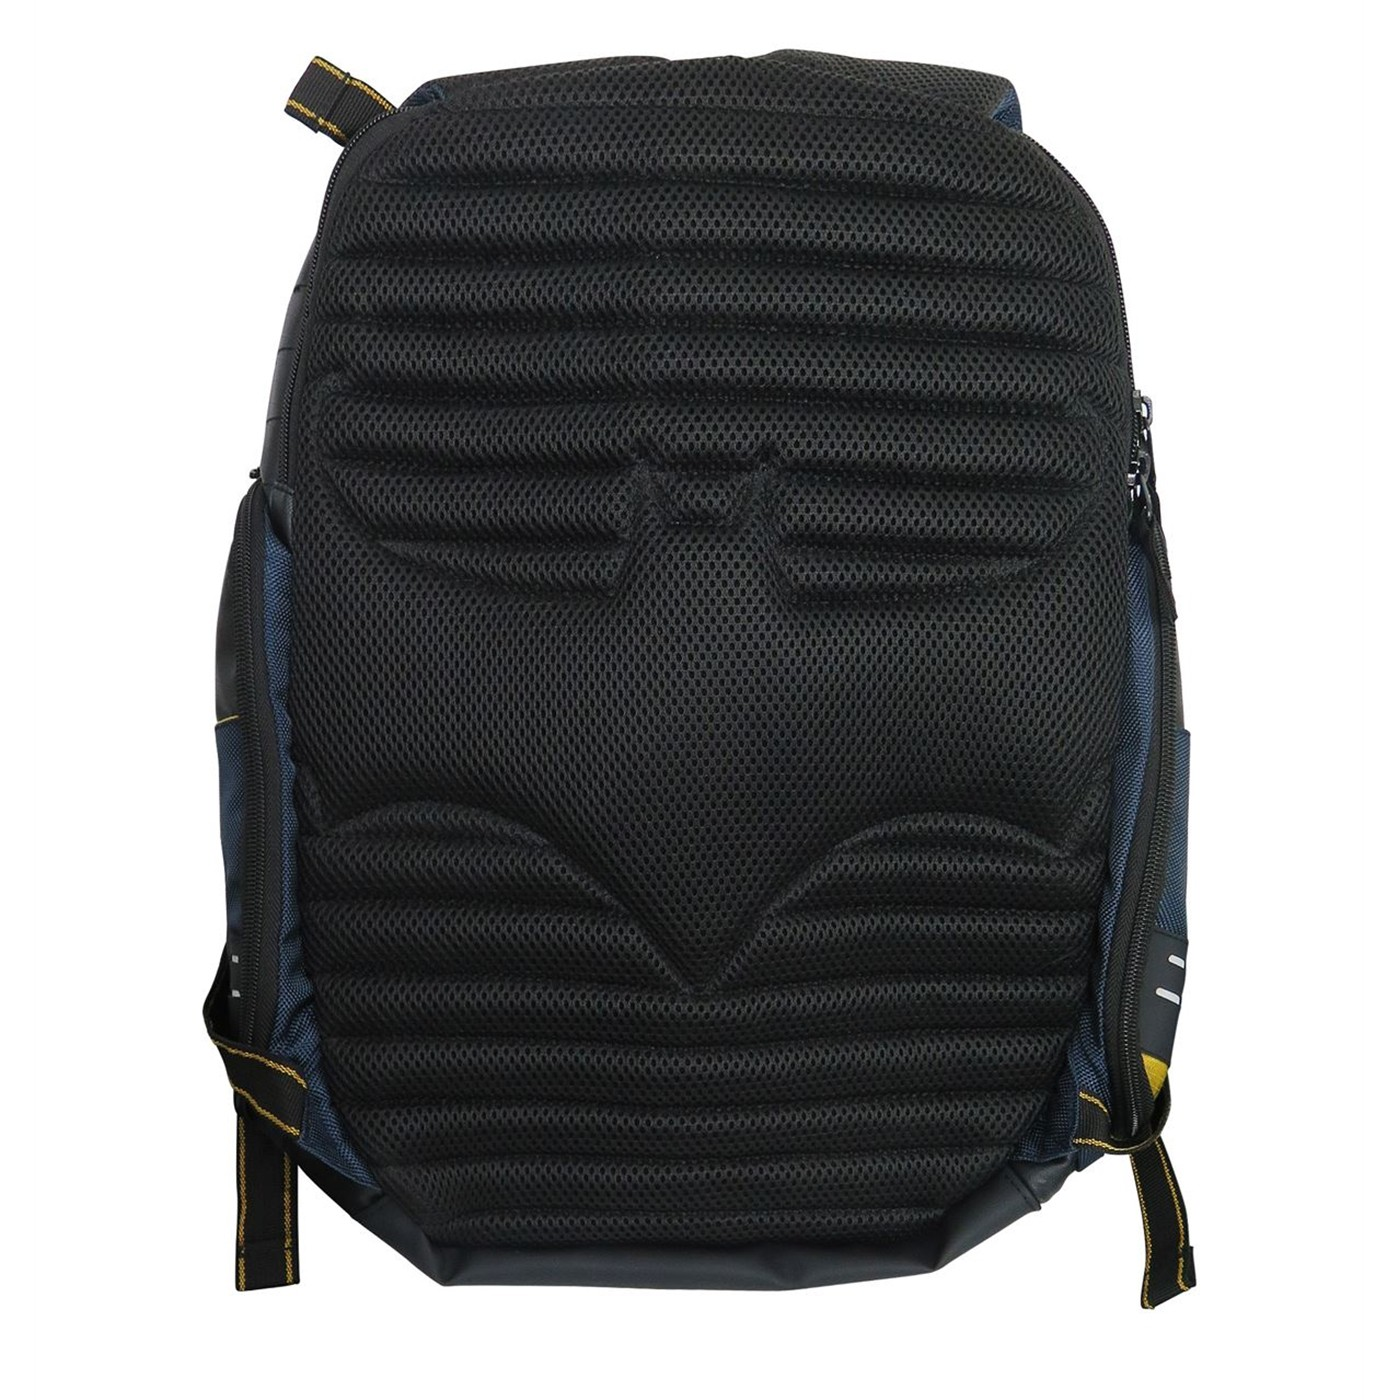 Batman Better Built Laptop Backpack